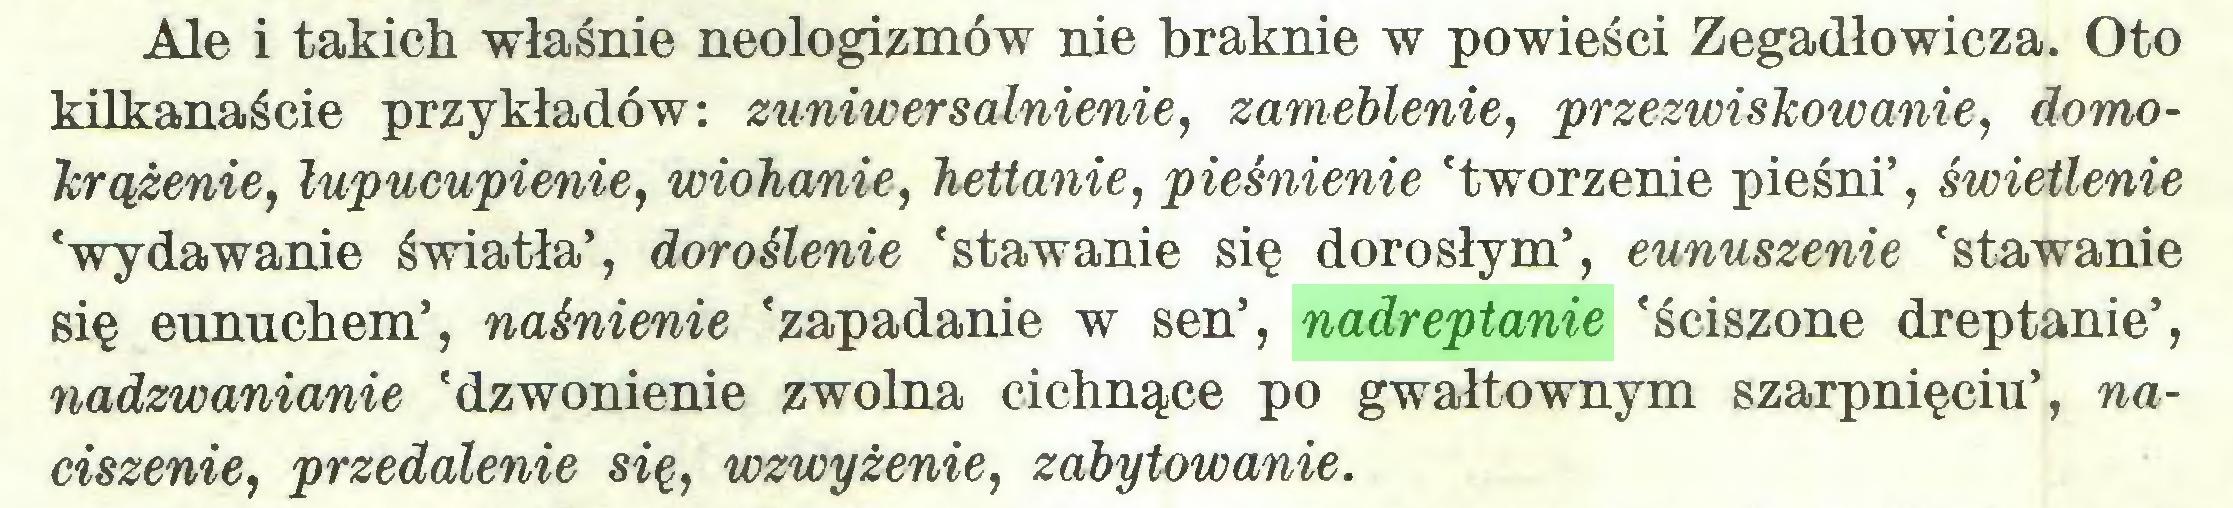 (...) Ale i takich właśnie neologizmów nie braknie w powieści Zegadłowicza. Oto kilkanaście przykładów: zuniwersalnienie, zameblenie, przezwiskowanie, domokrążenie, lupucupienie, wiohanie, hettanie, pleśnienie 'tworzenie pieśni', świetlenie 'wydawanie światła', doroślenie 'stawanie się dorosłym', eunuszenie 'stawanie się eunuchem', naśnienie 'zapadanie w sen', nadreptanie 'ściszone dreptanie', nadzwanianie 'dzwonienie zwolna cichnące po gwałtownym szarpnięciu', naciszenie, przedalenie się, wzwyżenie, zdbytowanie...